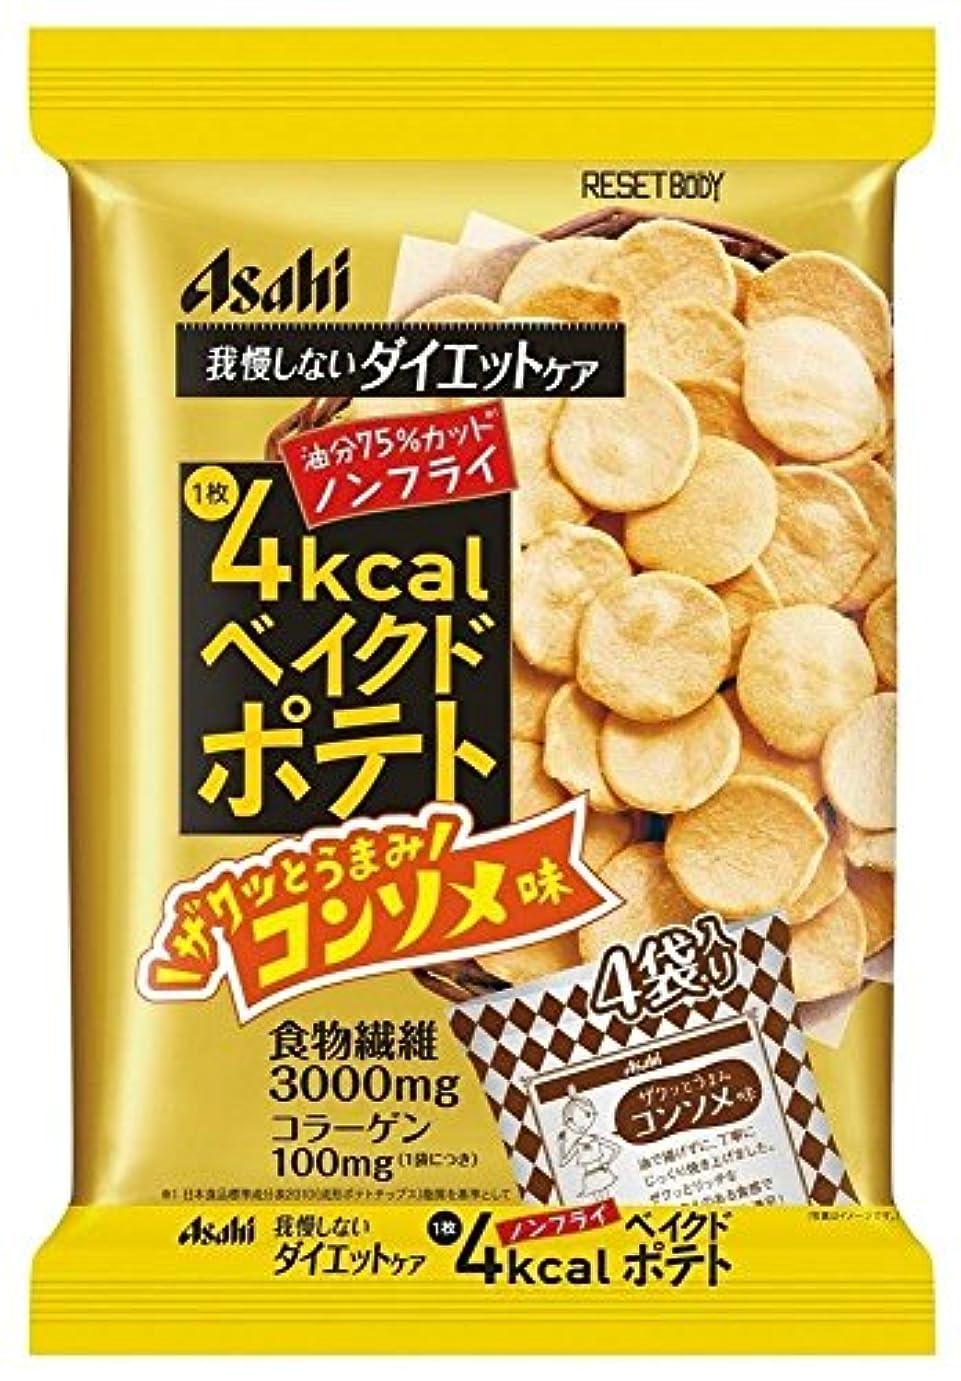 イサカ内なるリアルアサヒグループ食品 リセットボディ ベイクドポテトコンソメ味 66g